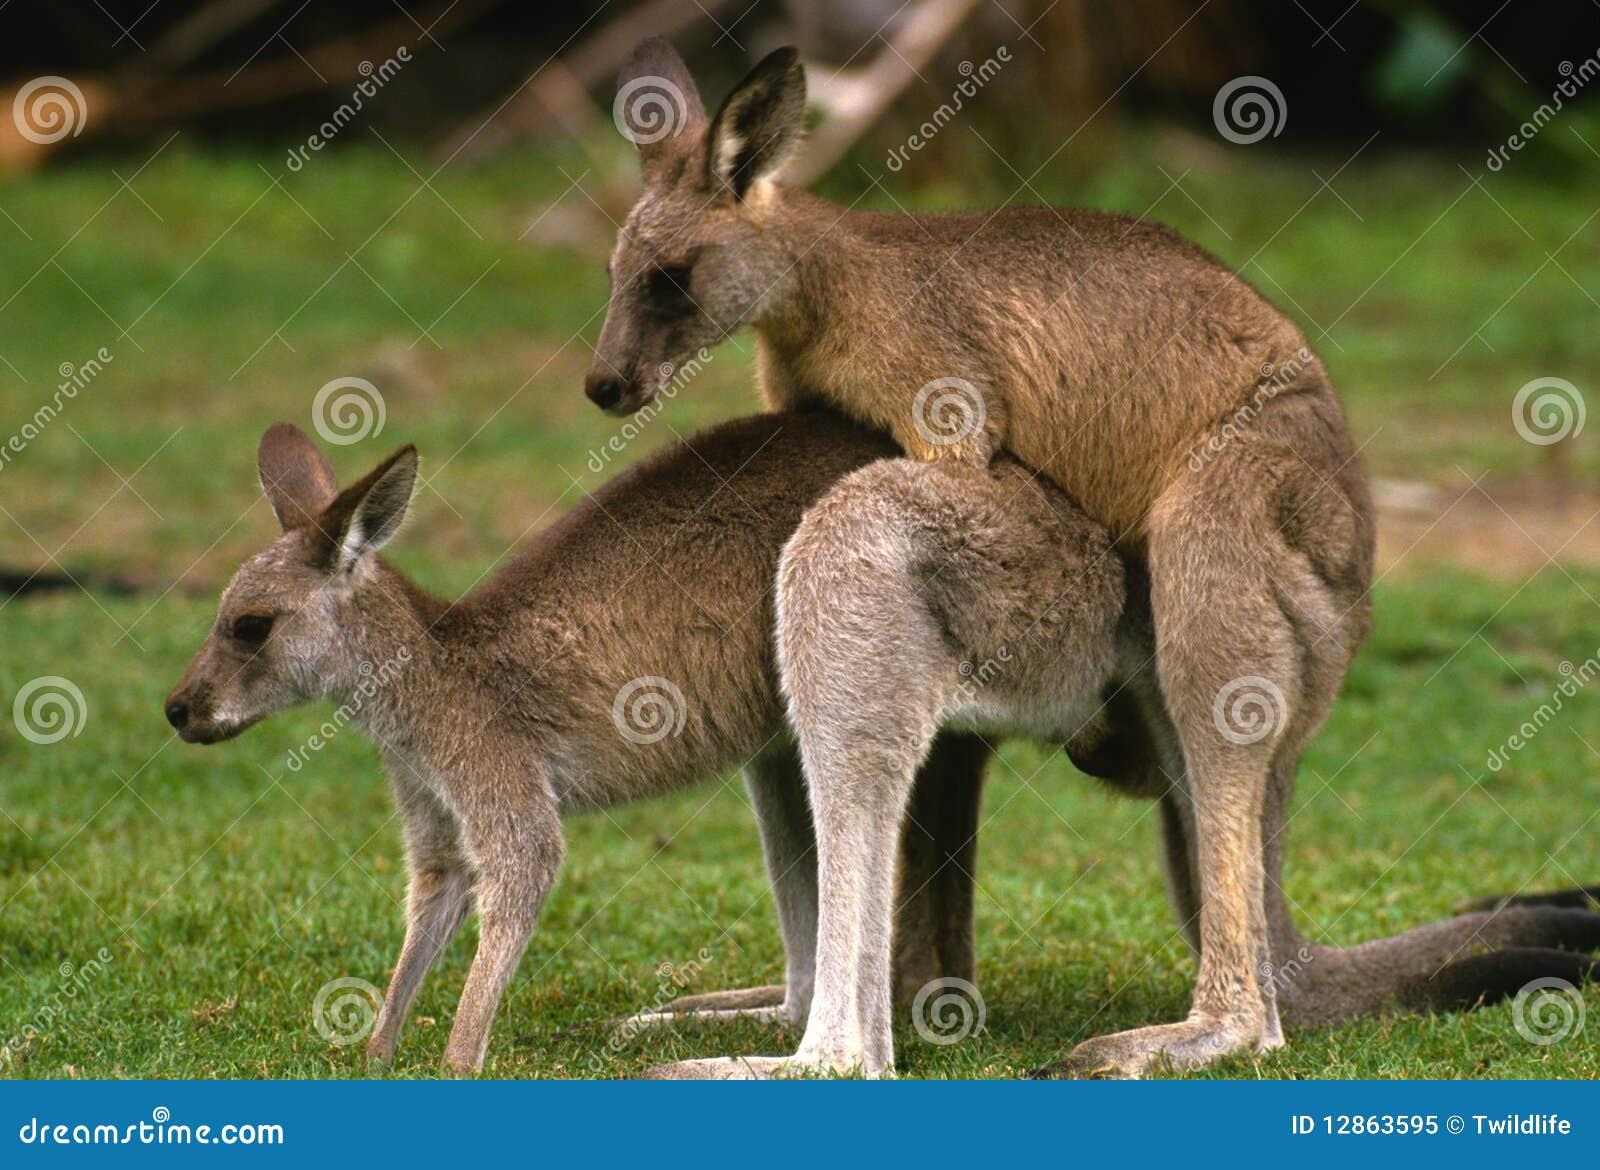 Kangaroos Mating Royalty Free Stock Photo - Image: 12863595